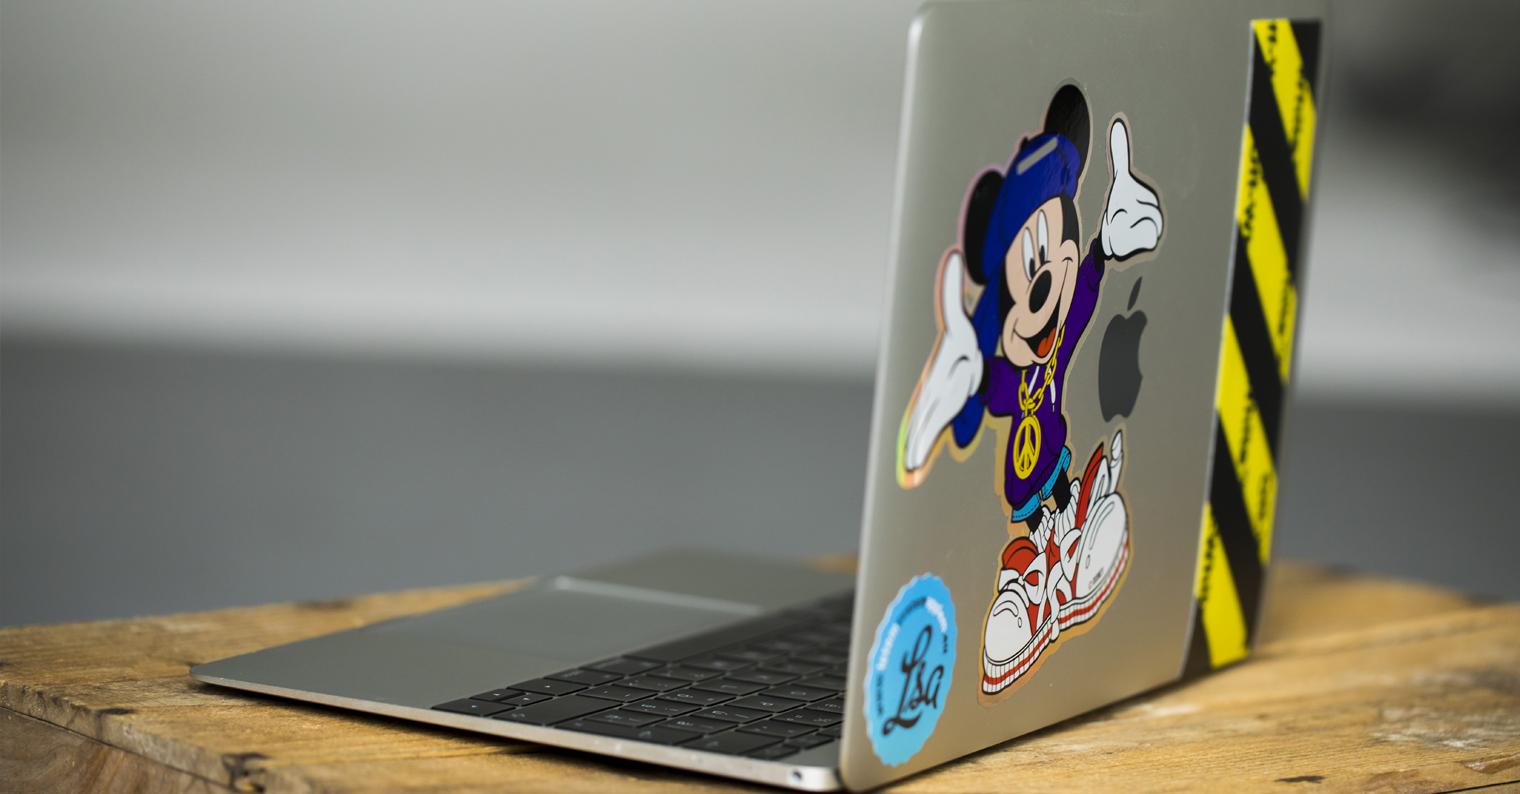 Macbook nalepky nahled